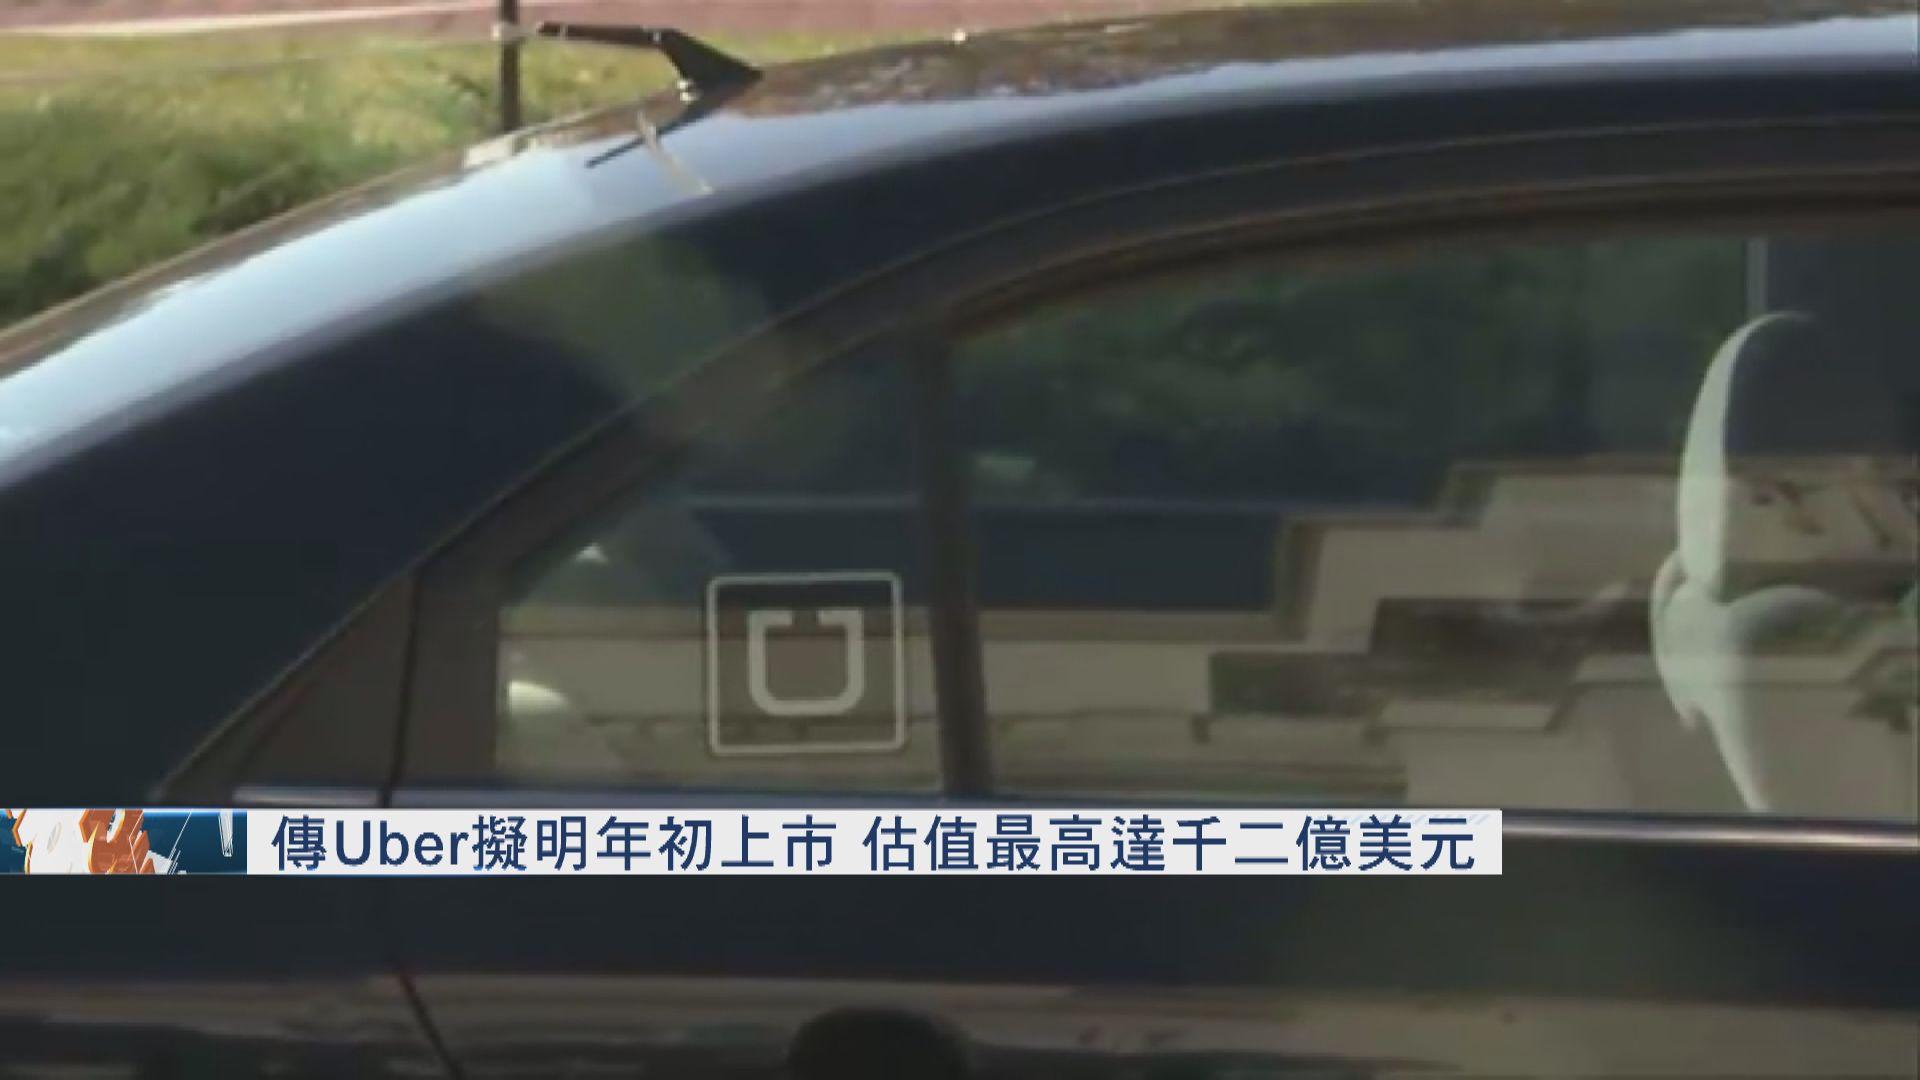 傳Uber擬明年上市 估值最高千二億美元